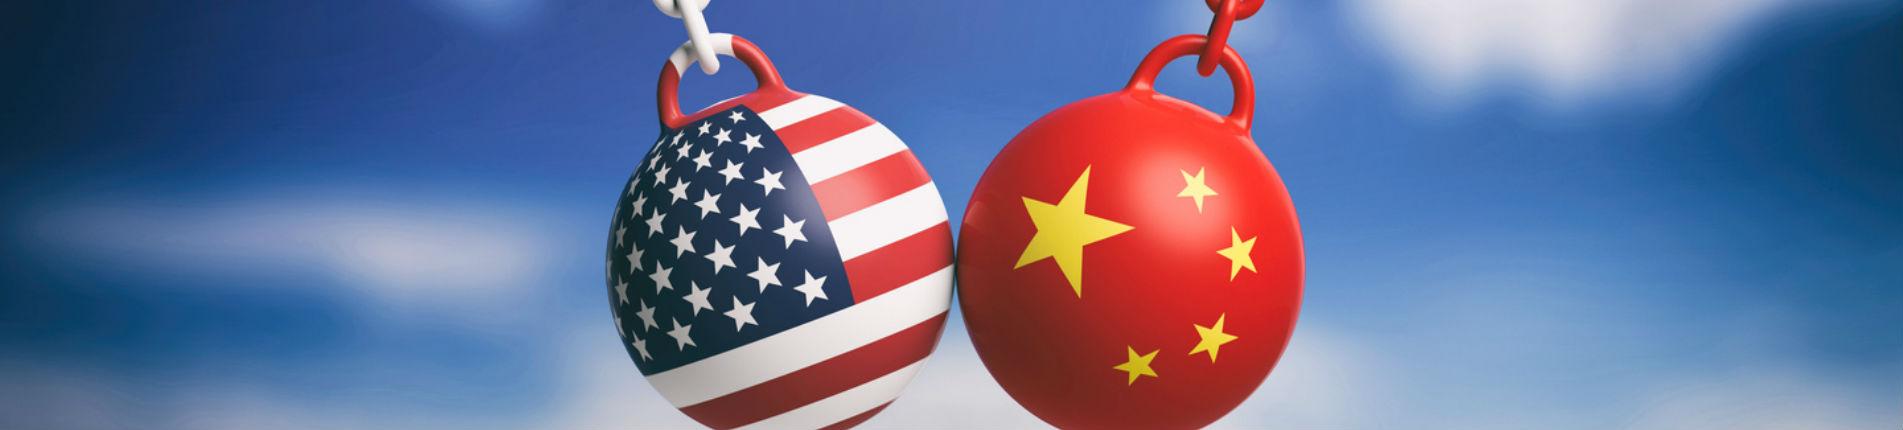 Guerra comercial China y EEUU